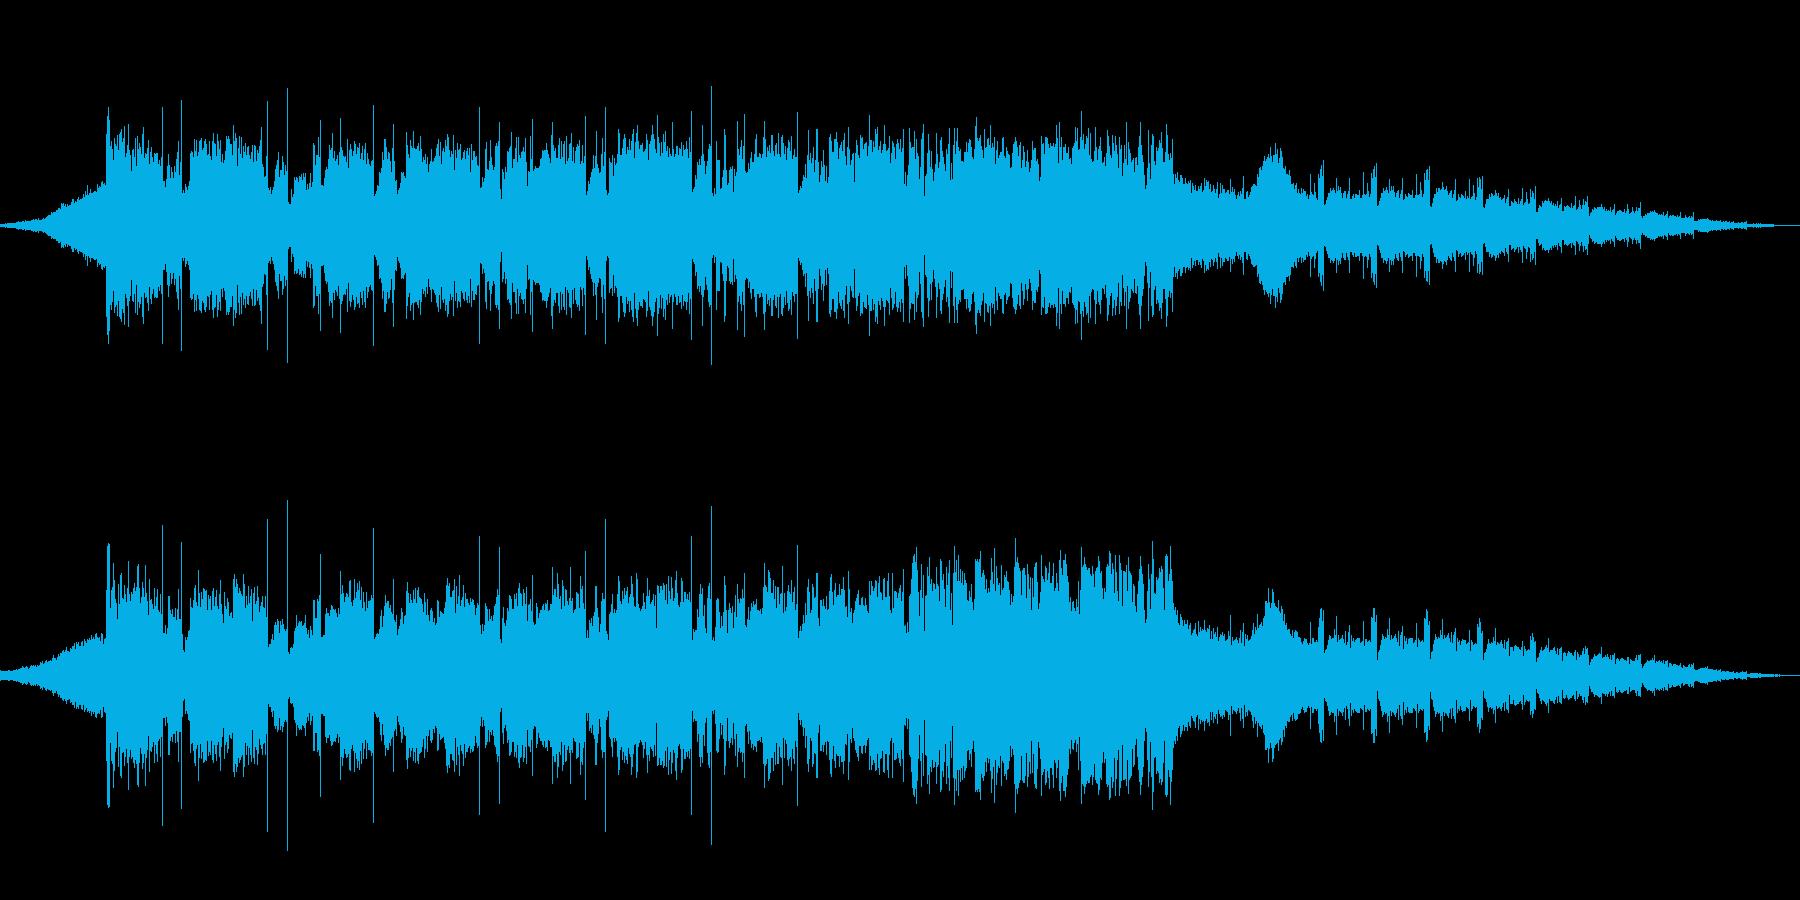 映像向け ジャズっぽい曲と言われたらの再生済みの波形